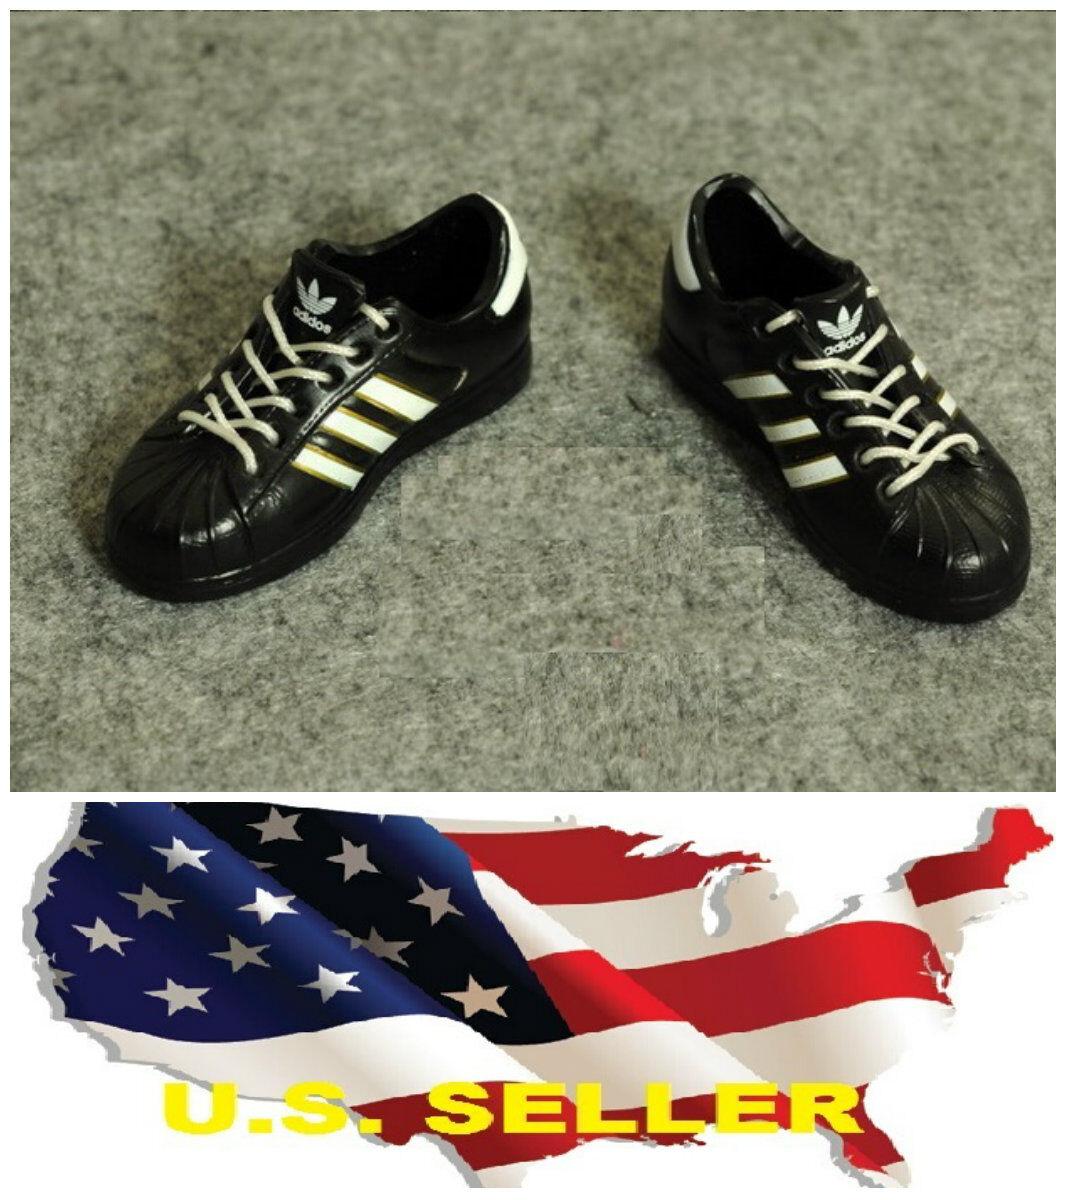 Zapatillas de deporte shoes1 / 6 estilo Adidas en color blanco negro para hombre de 12 \